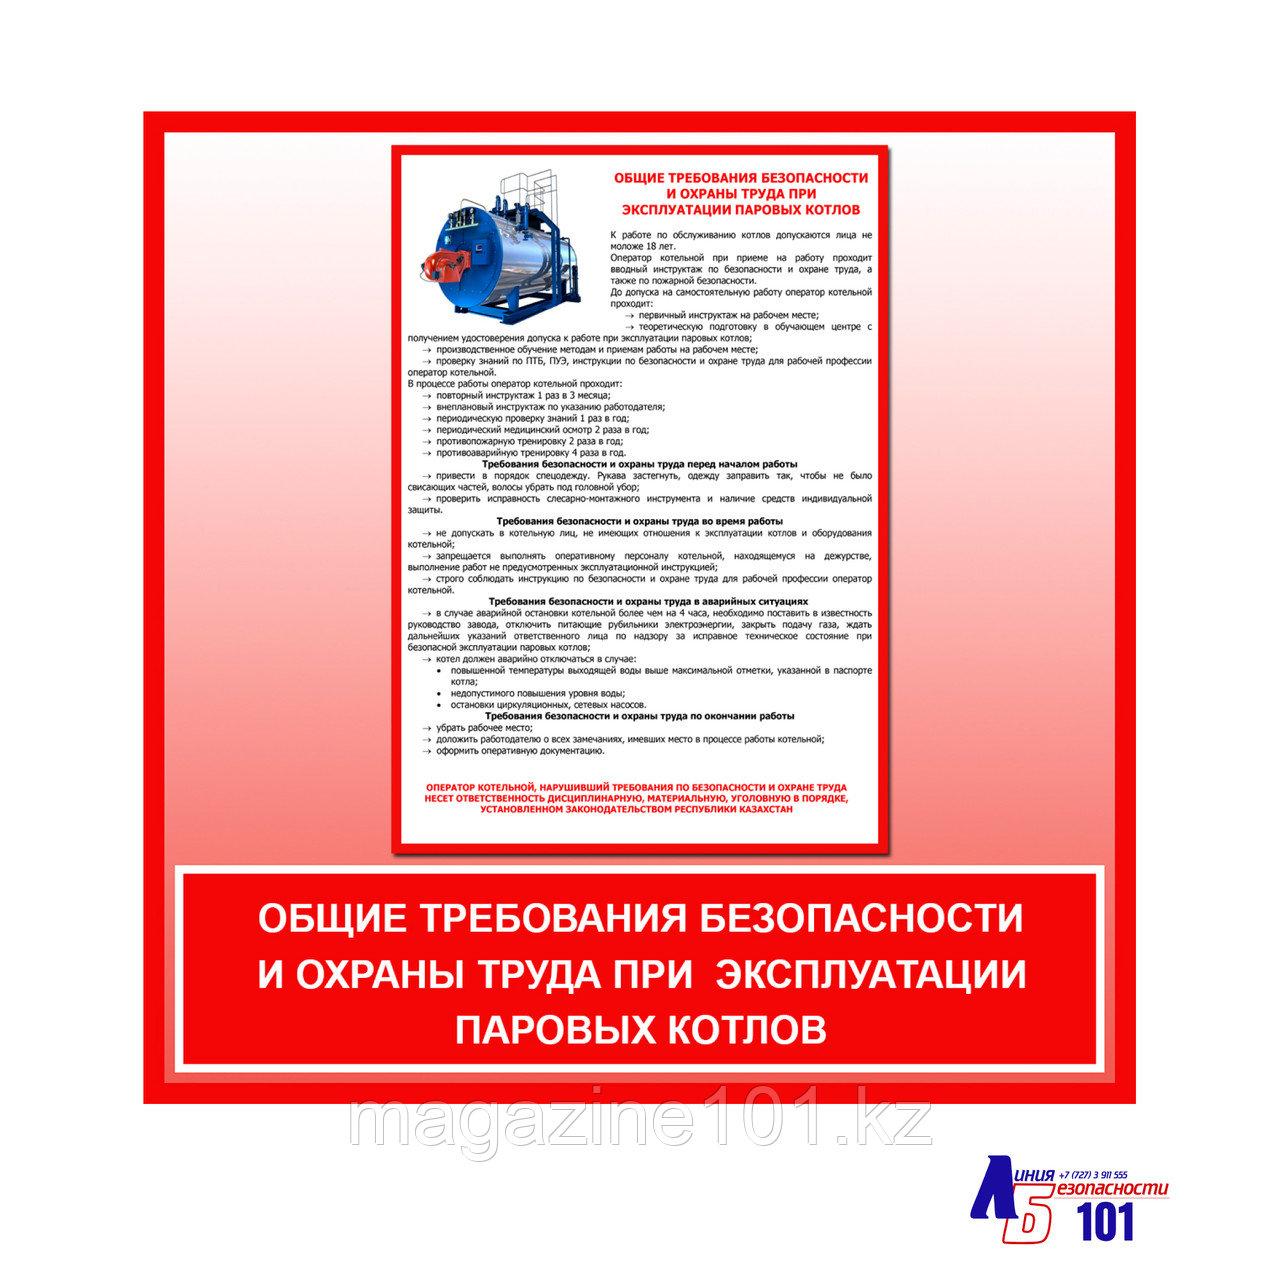 """Плакат """"Общие требования безопасности и охраны труда при эксплуатации паровых котлов"""""""